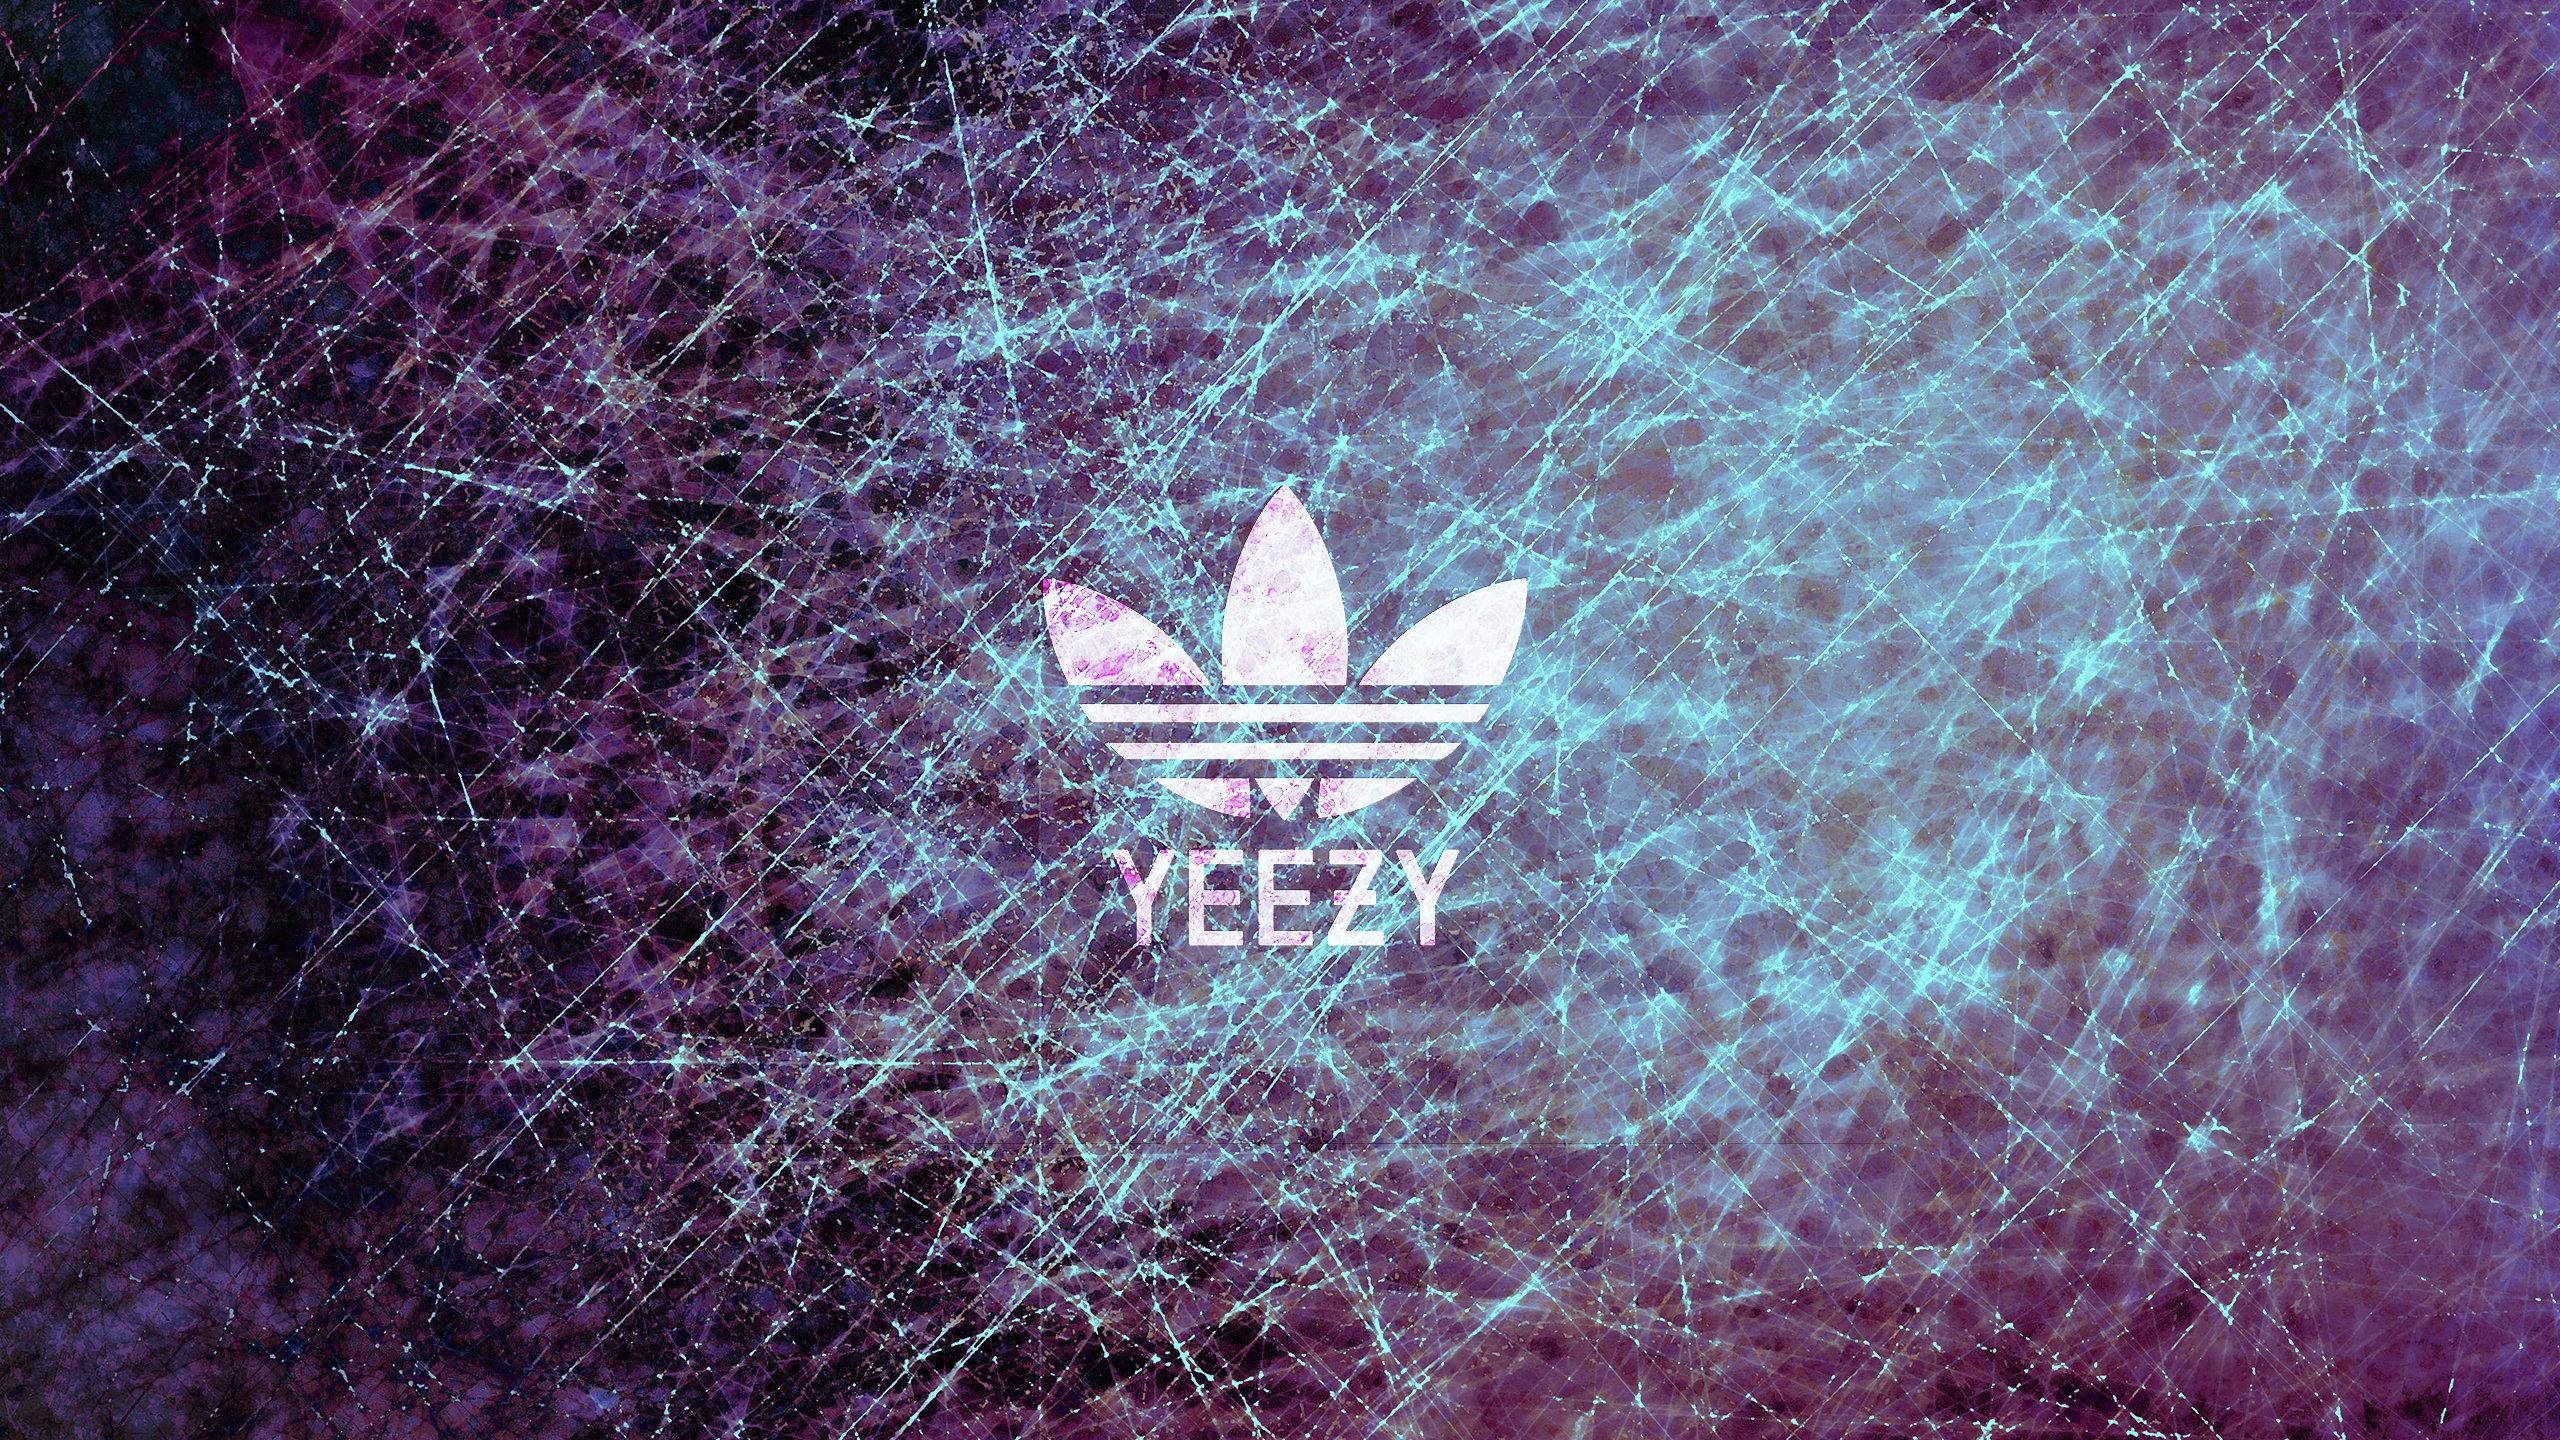 Yeezy Wallpaper